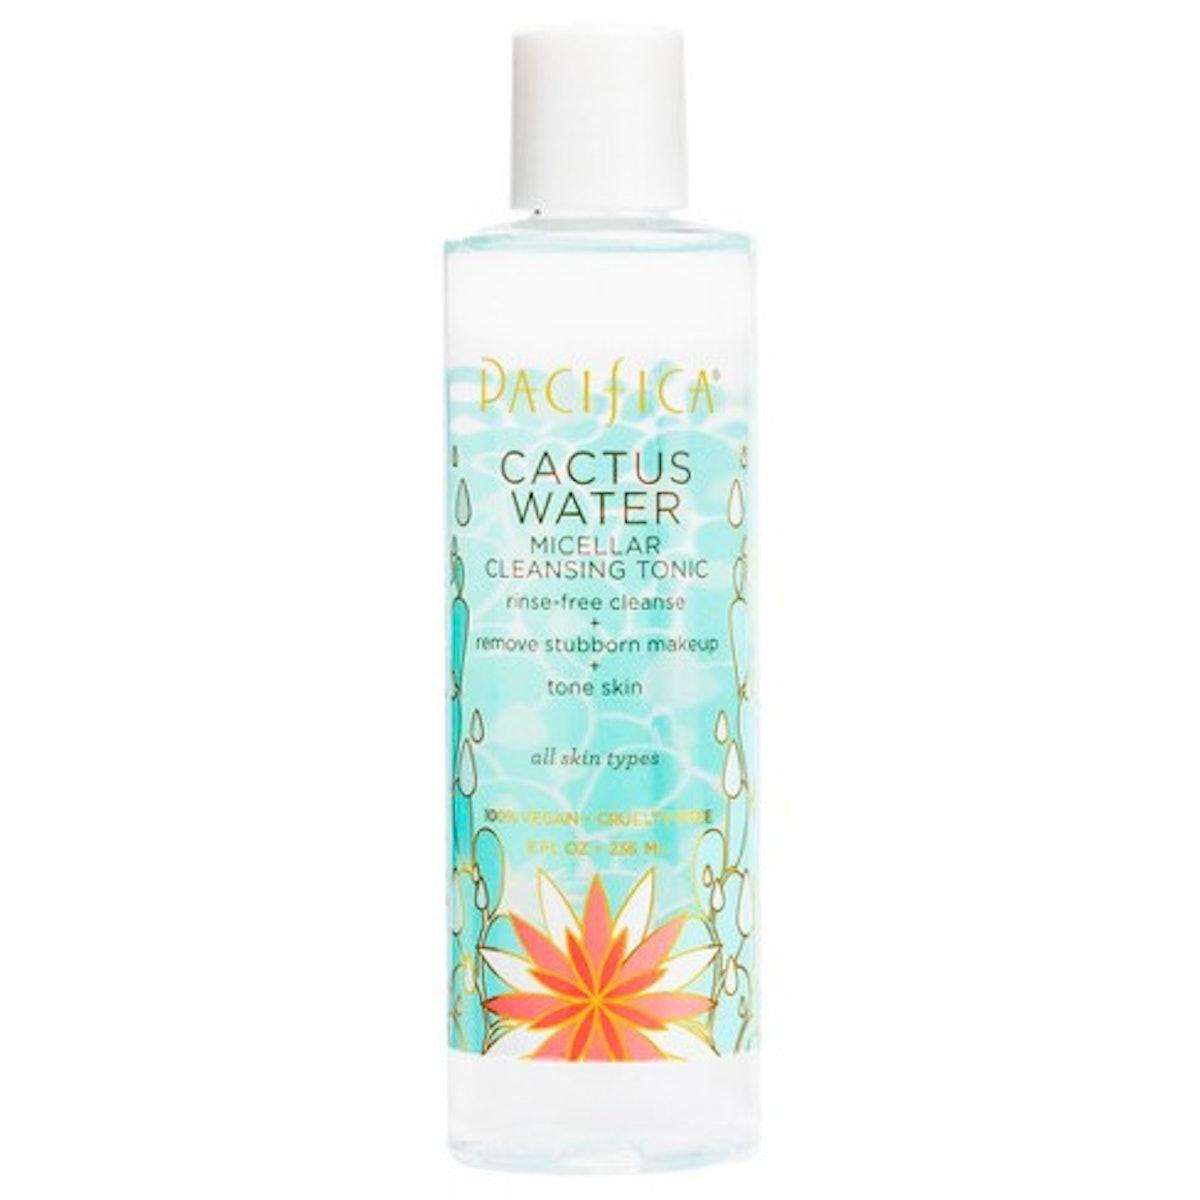 Cactus Water Micellar Cleansing Tonic